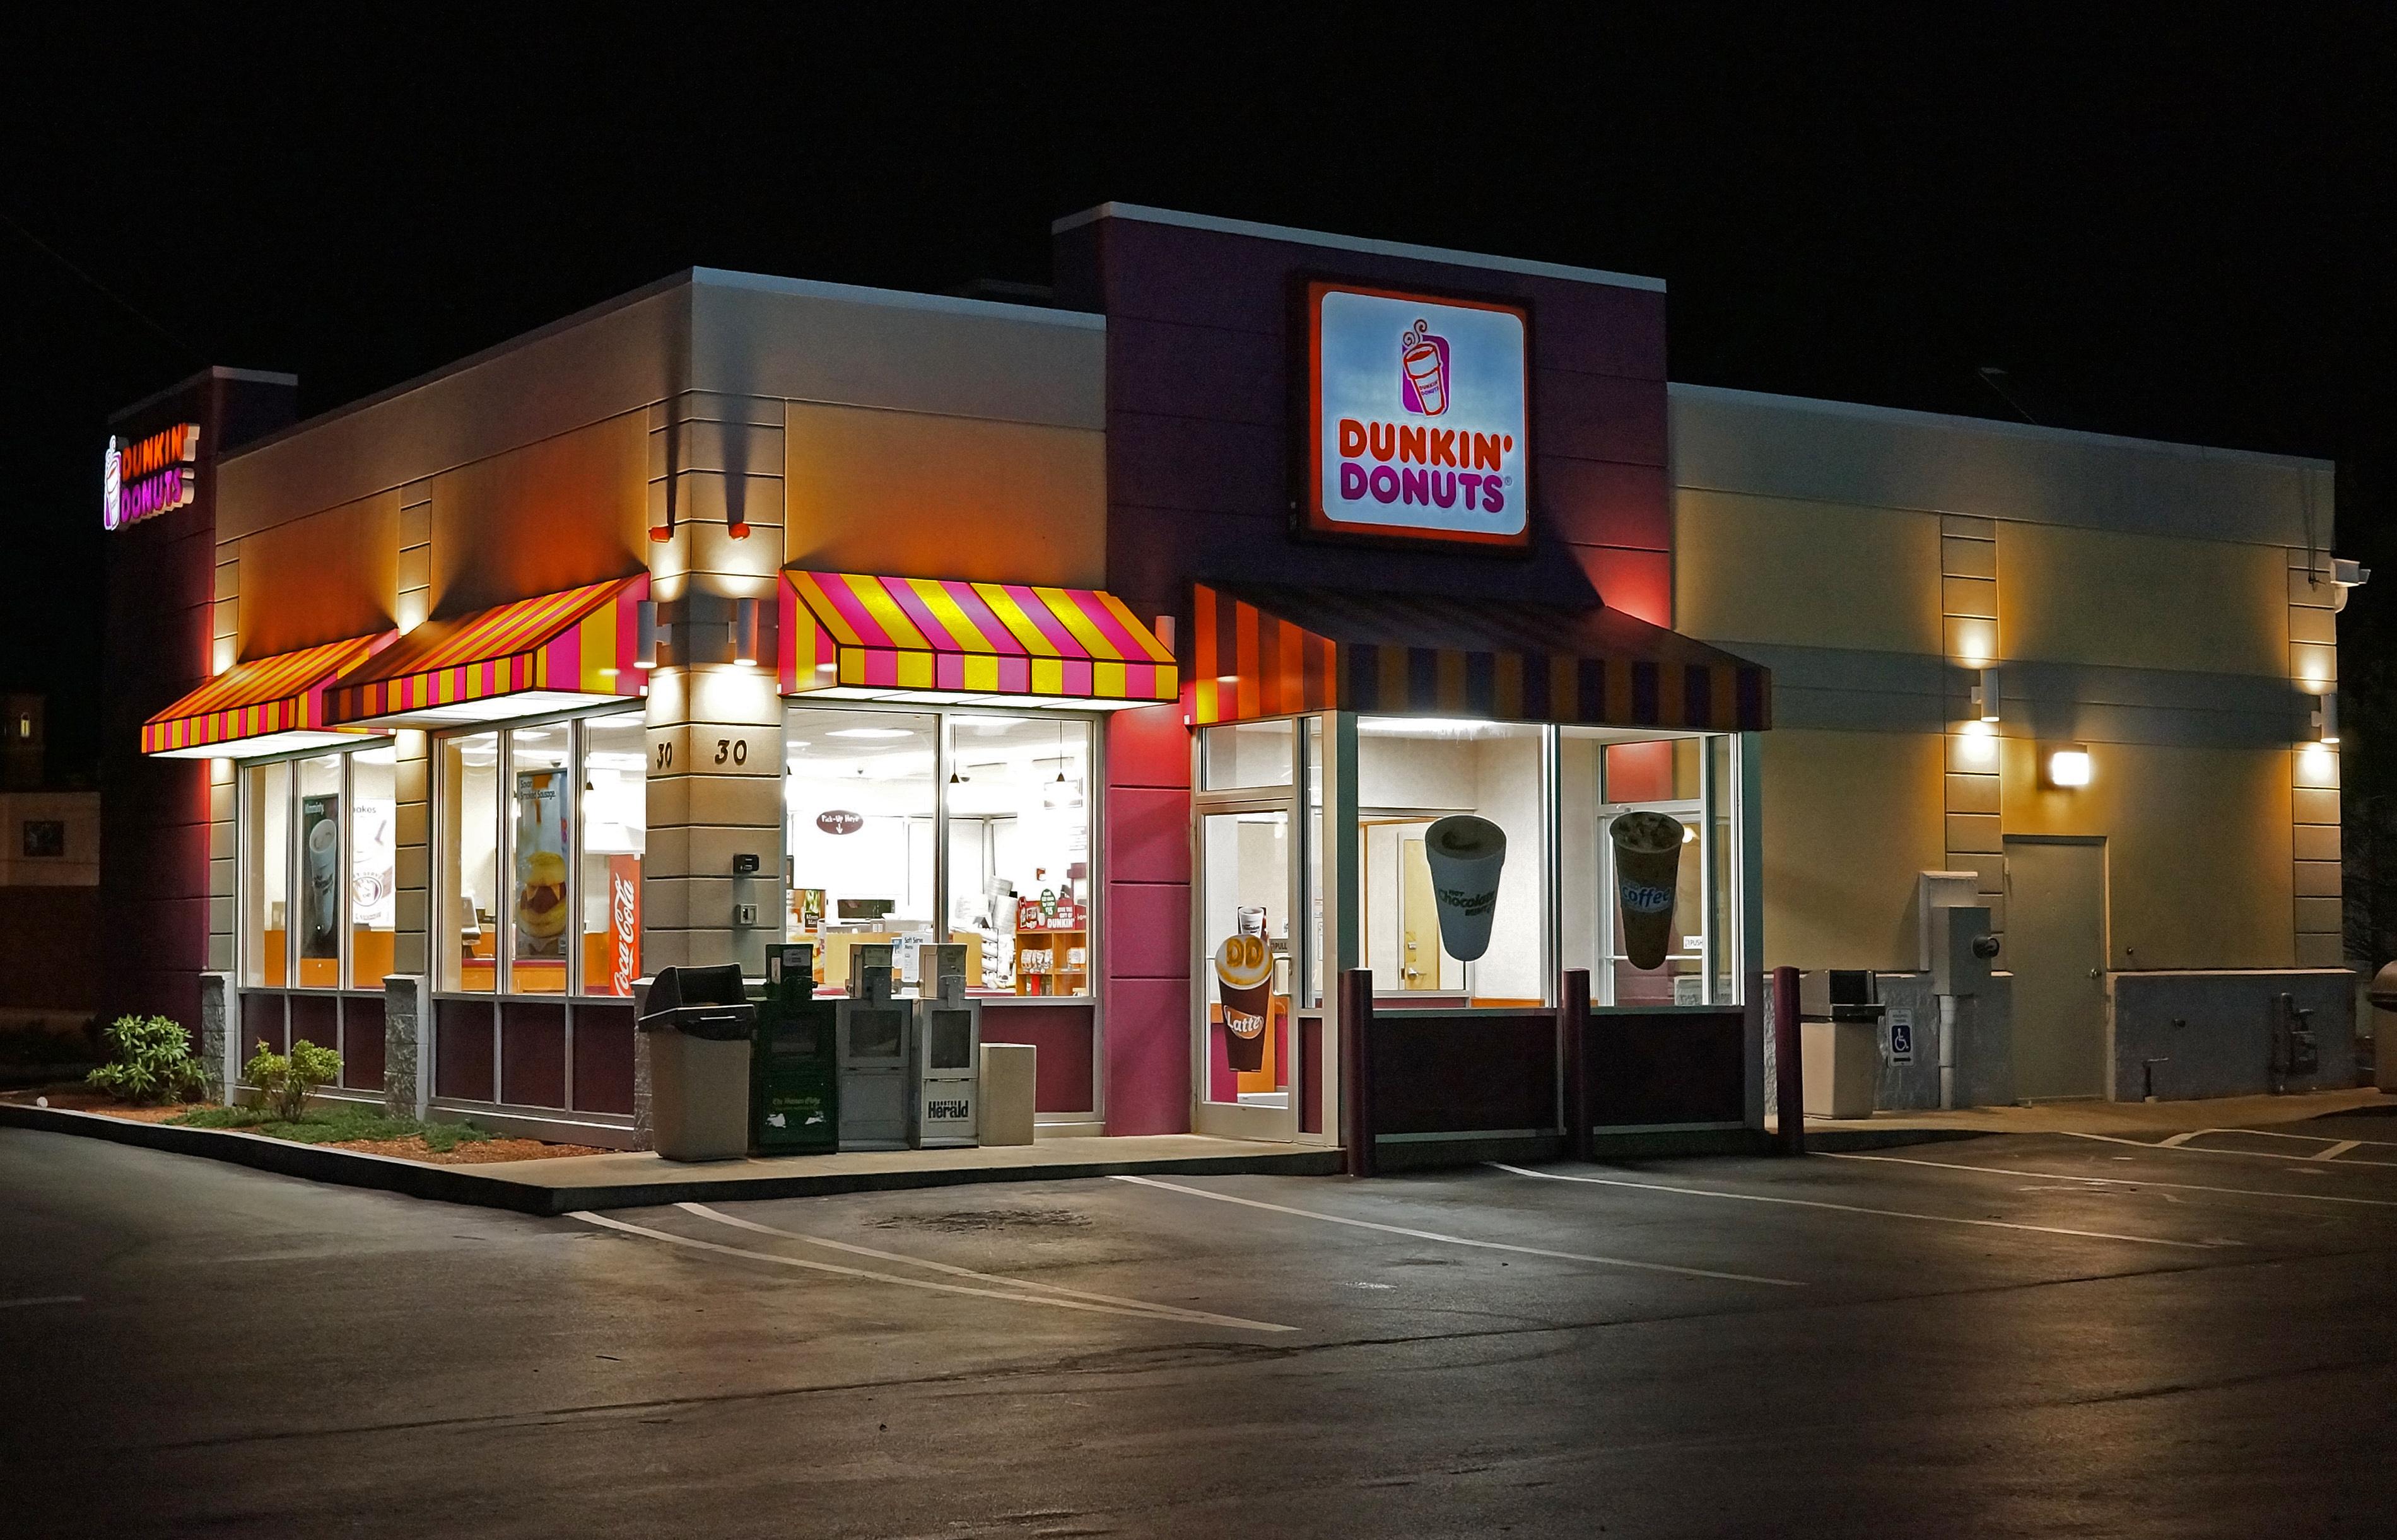 Dunkin Donuts Wikiwand - Dunkin donuts location map usa